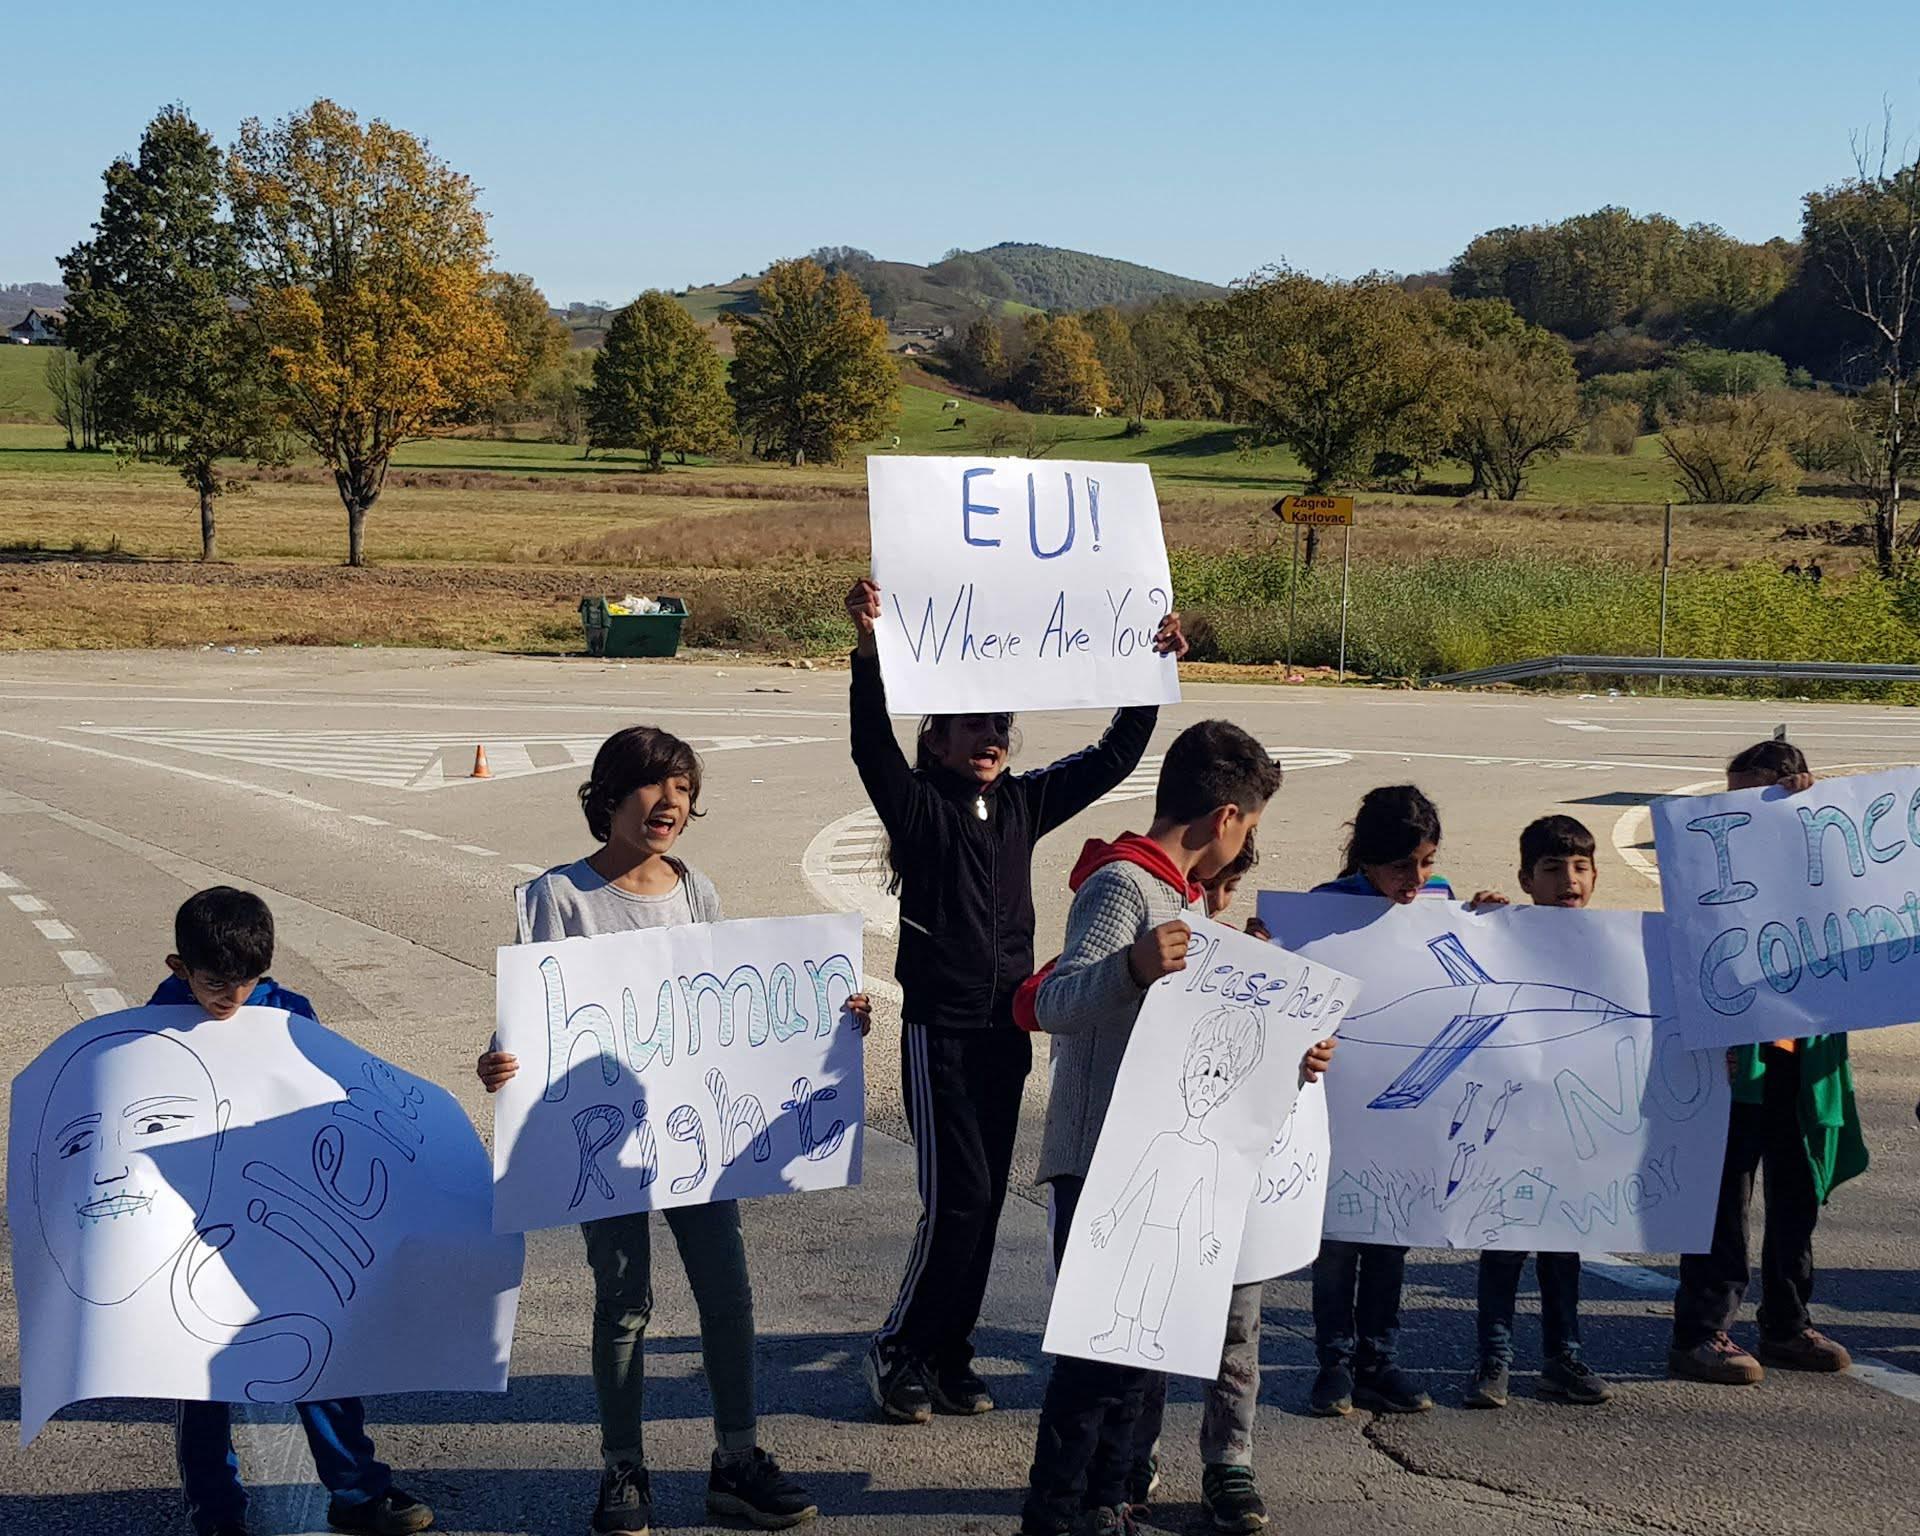 I BiH stavila ogradu: Migranti skupljaju drva i podižu šatore